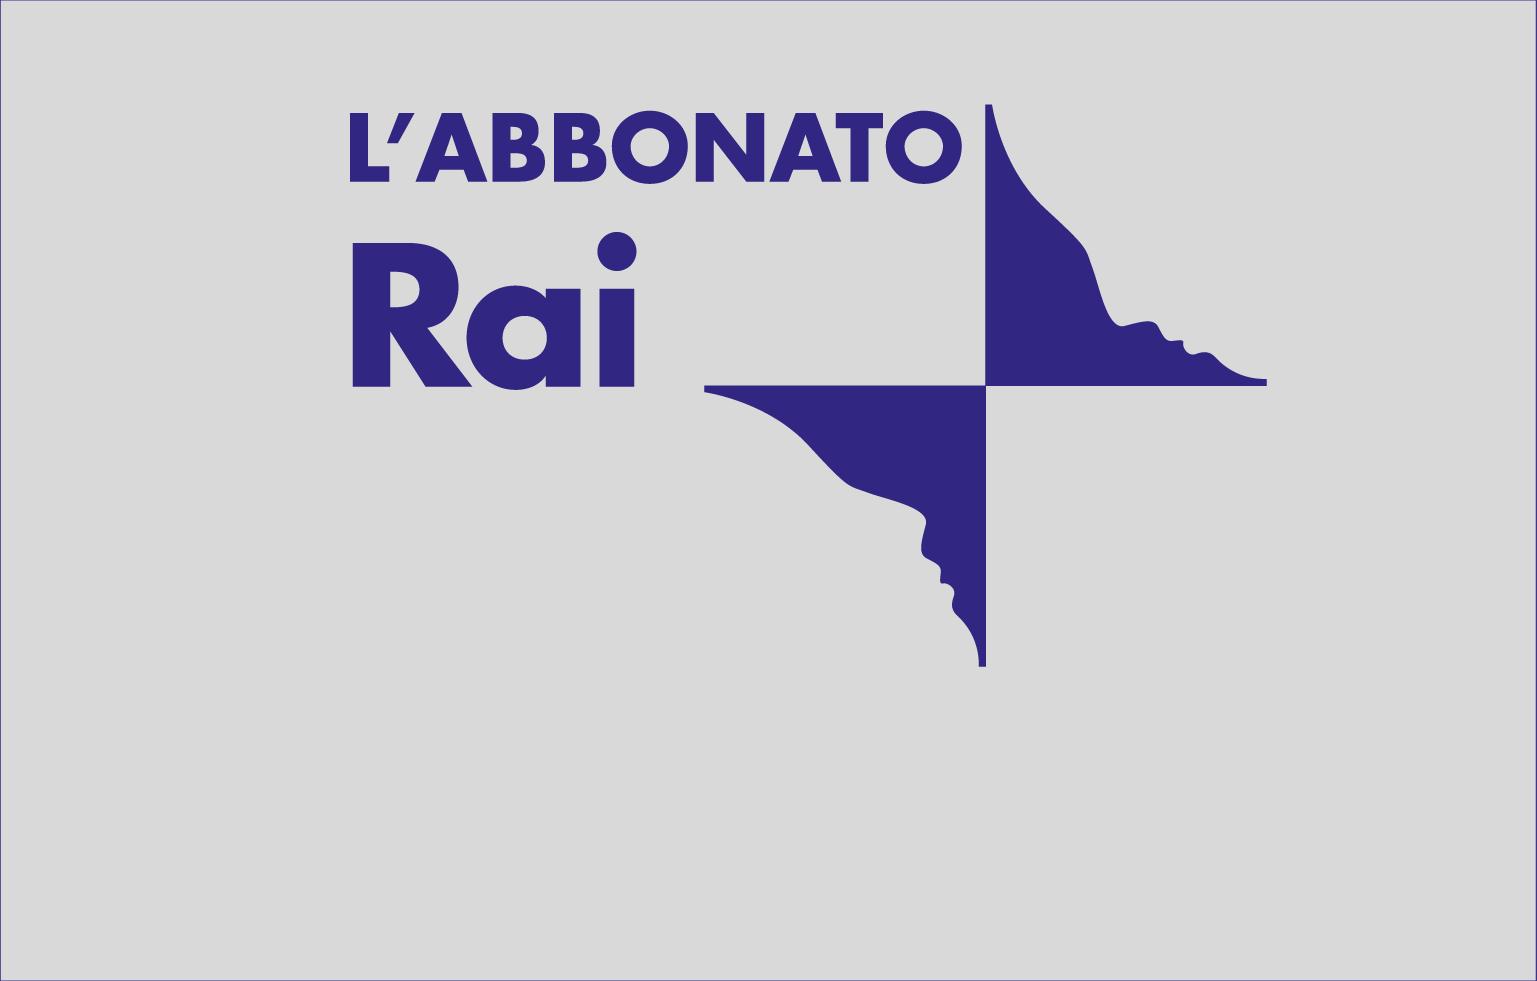 L'ABBONATO RAI